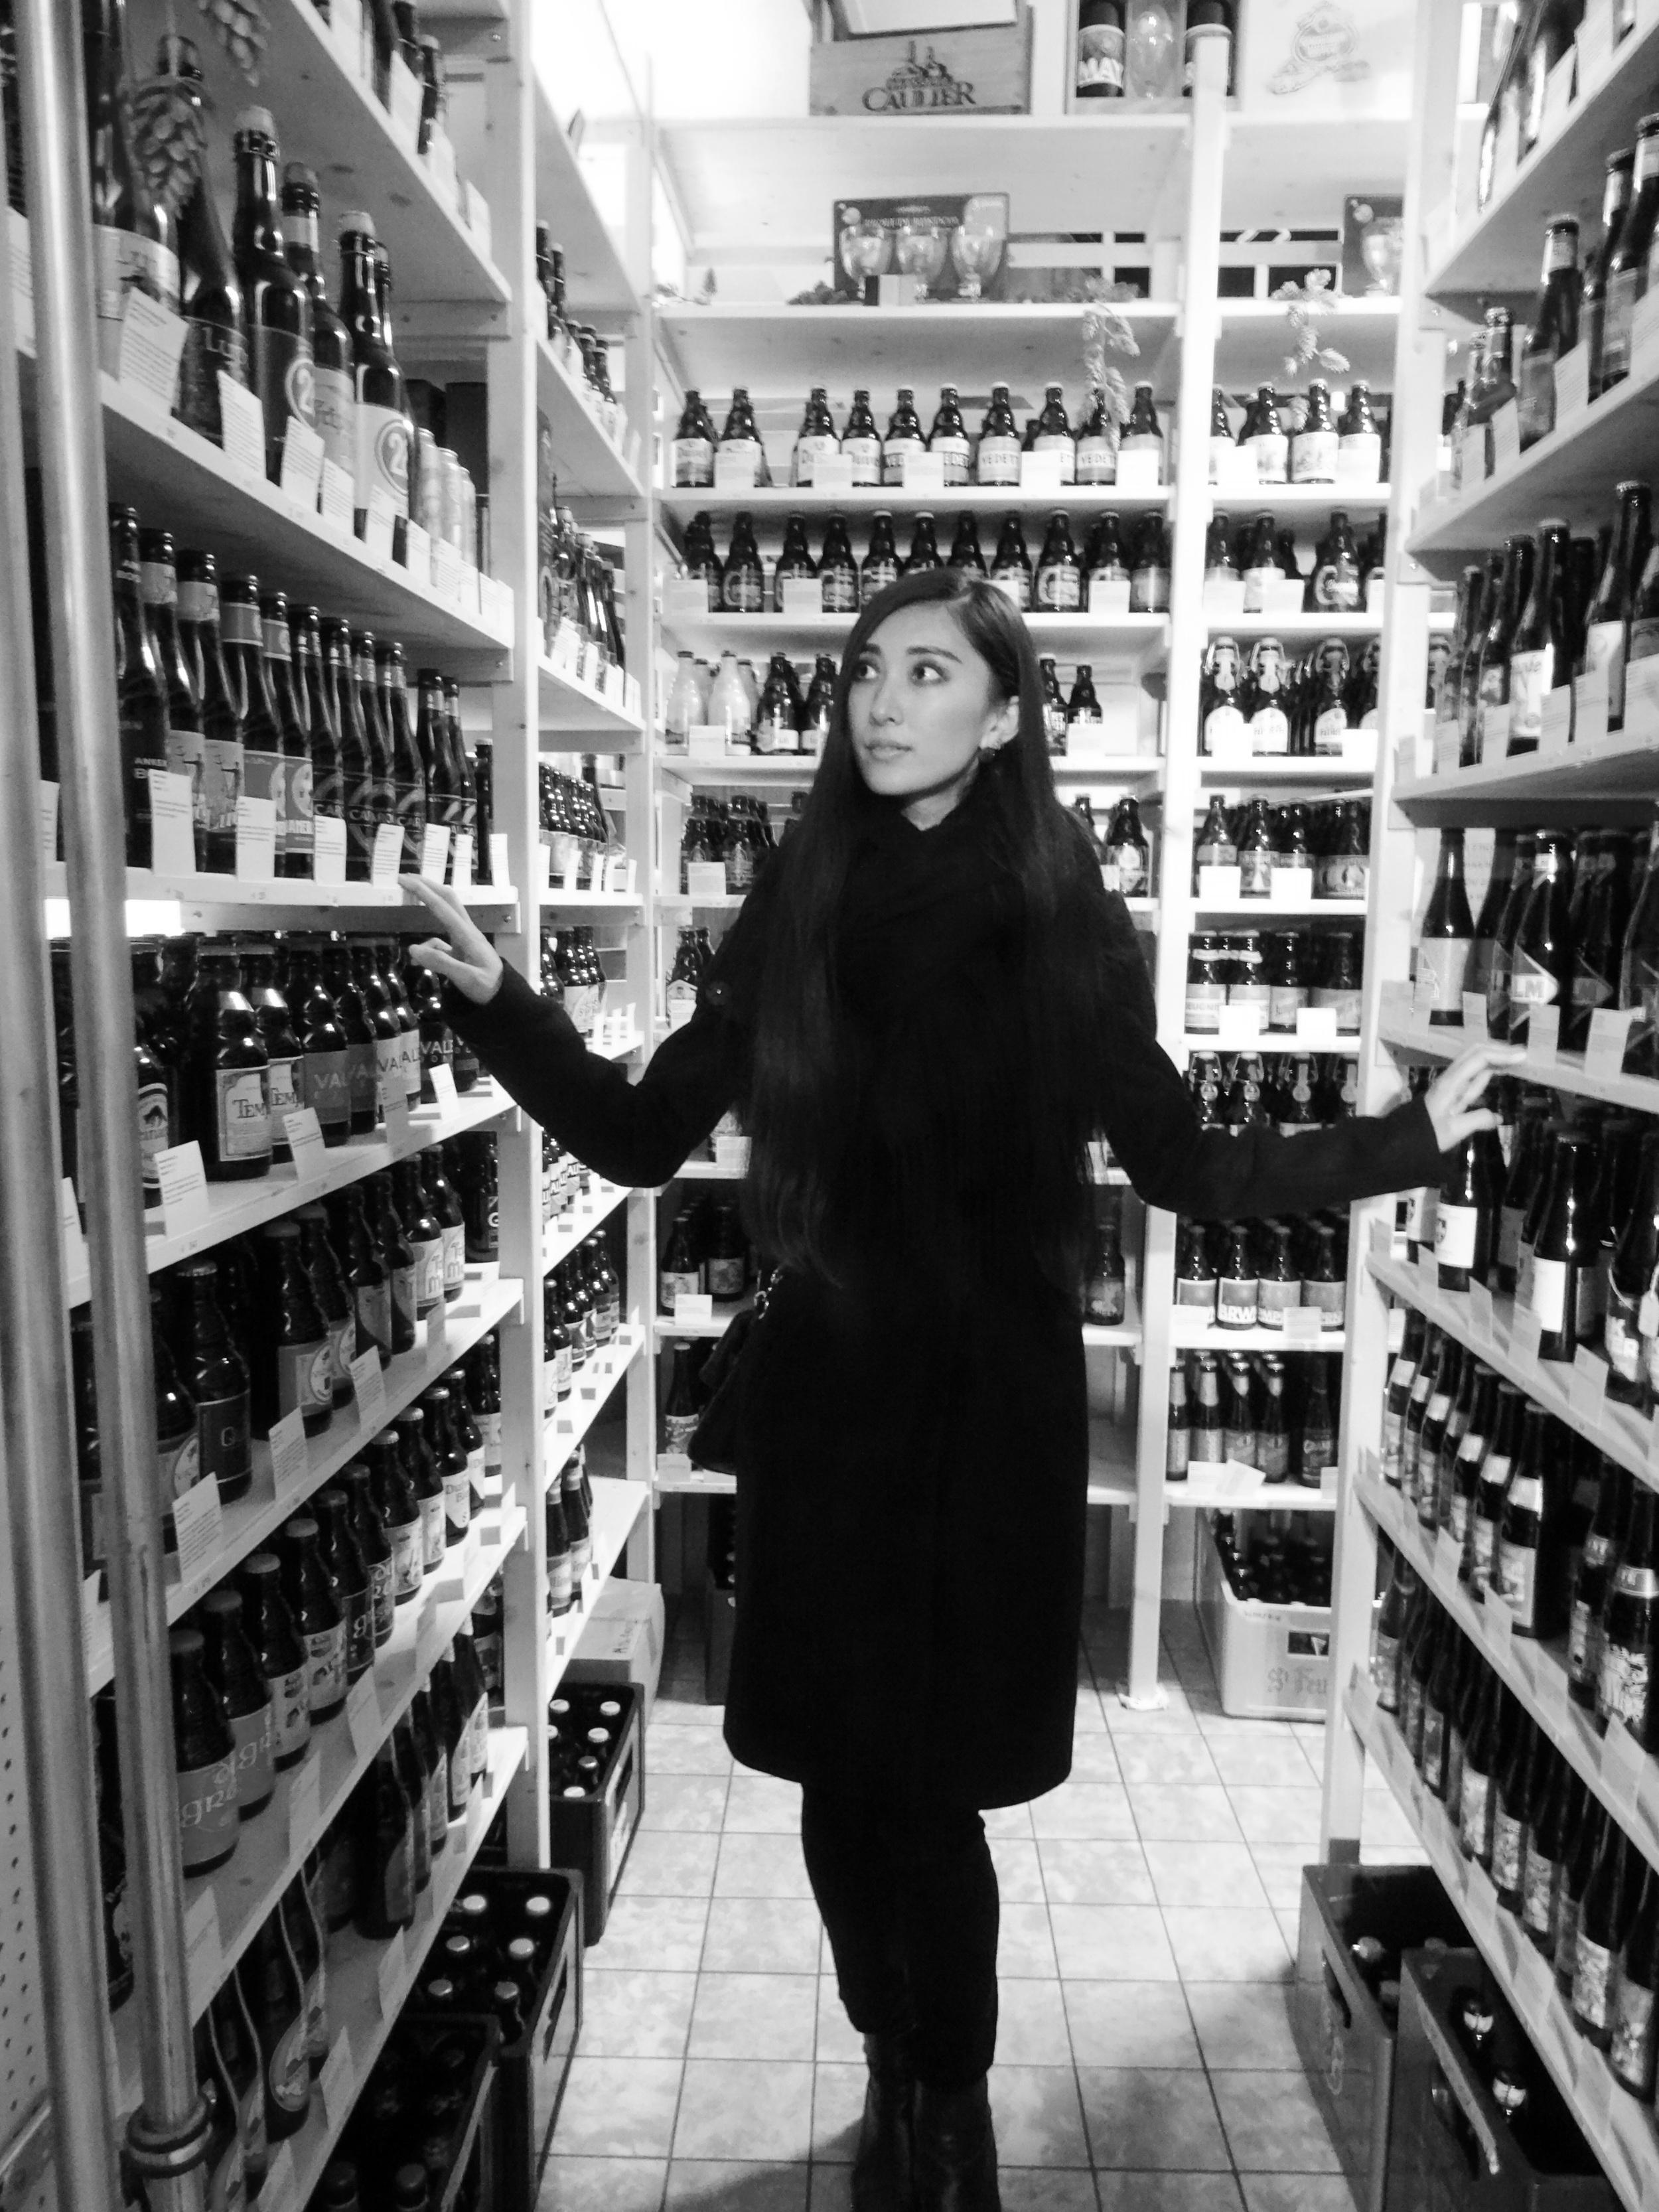 14.Nov.2015 : viele Biere in einem Bierladen